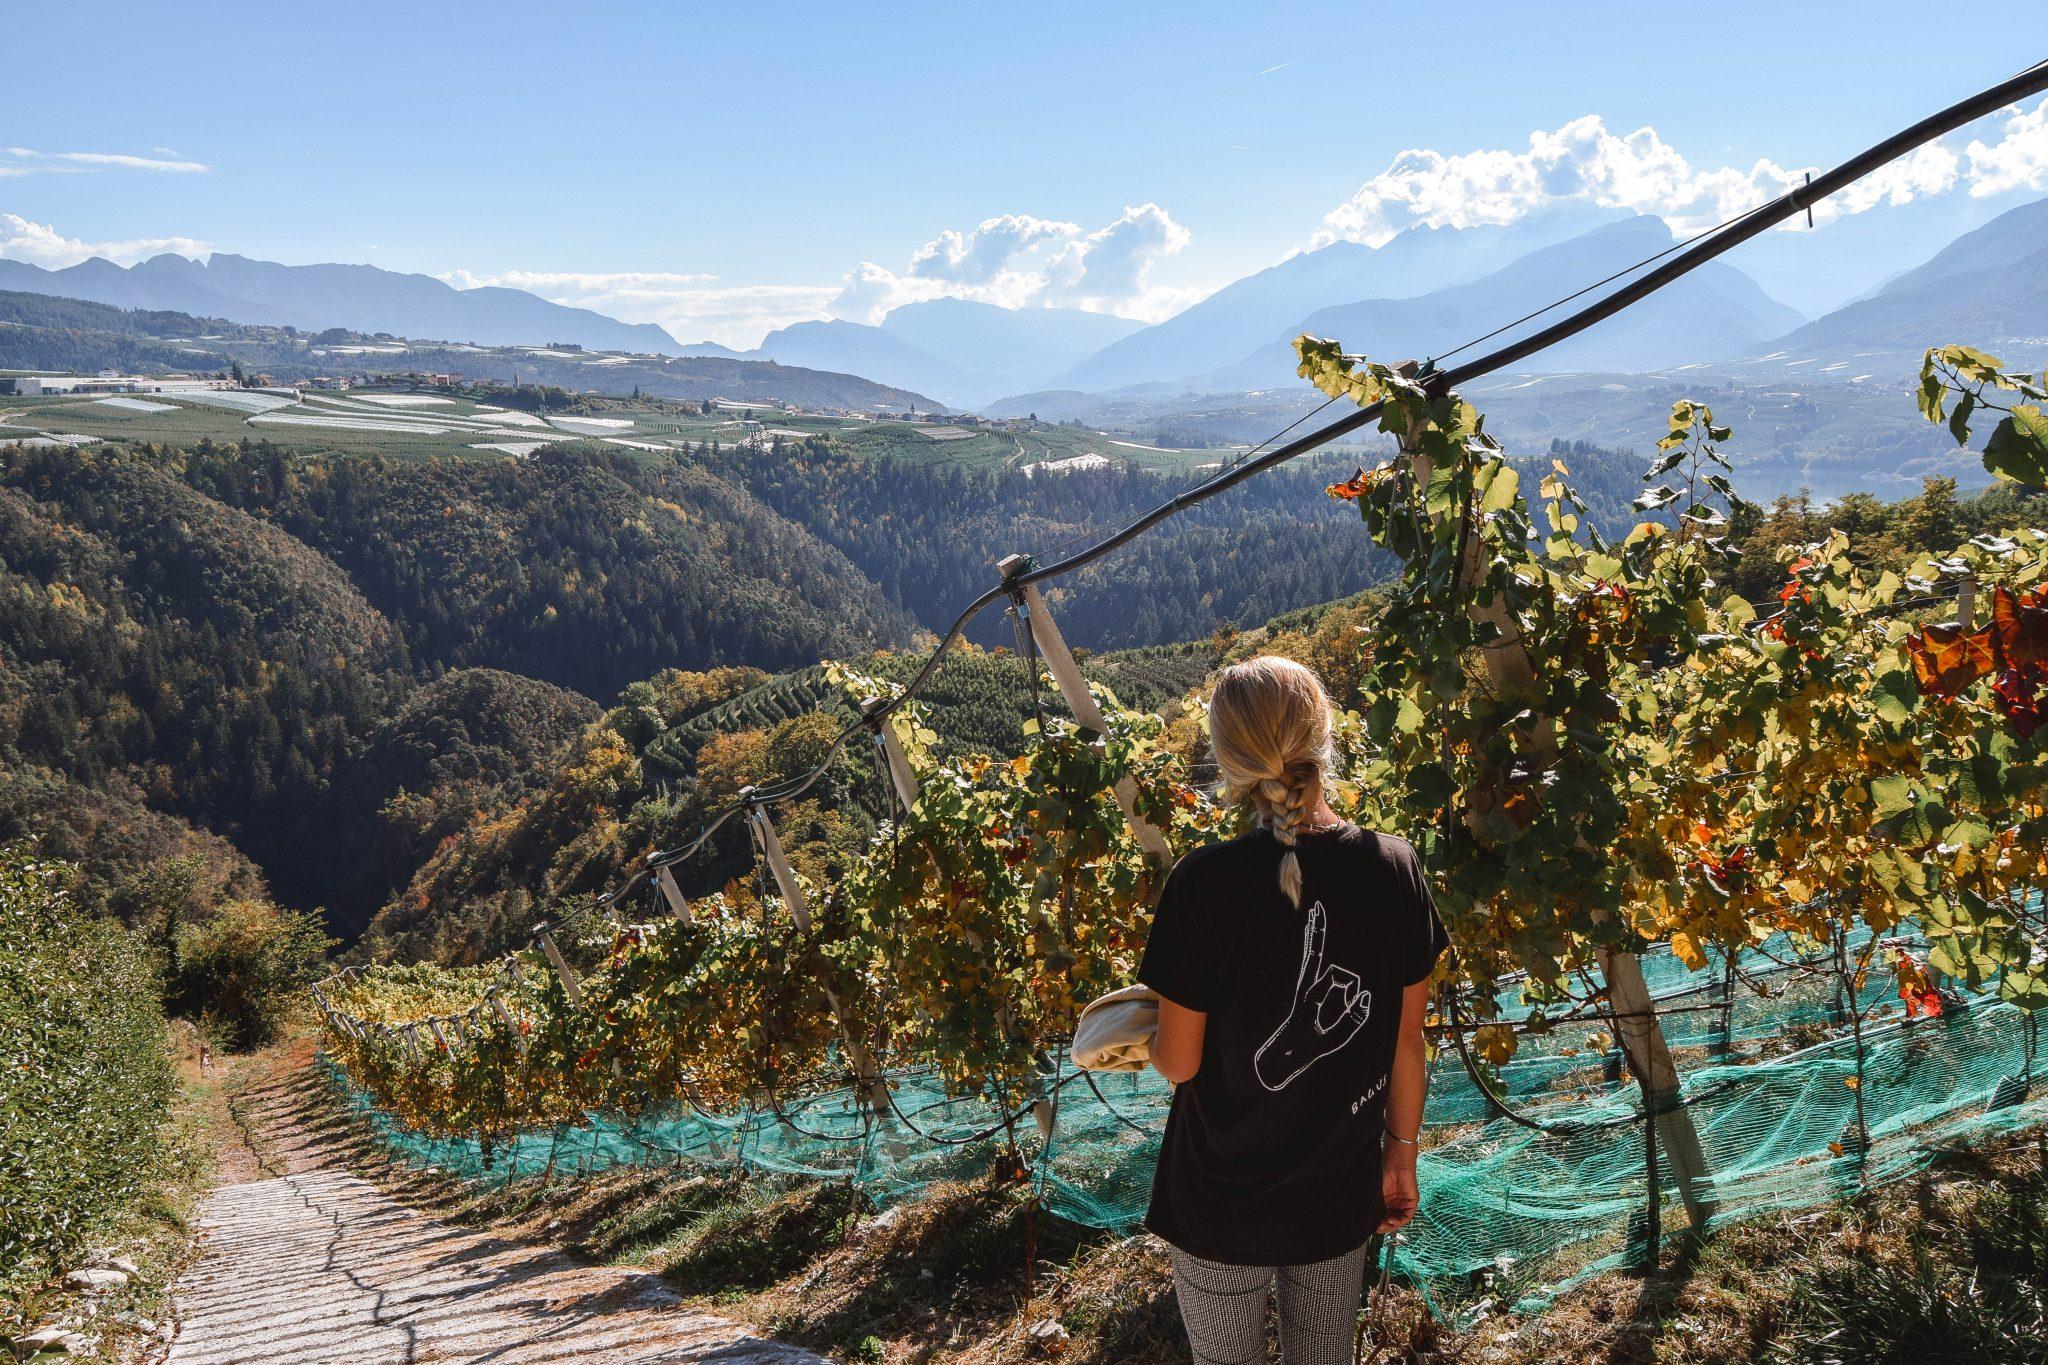 Wanderers & Warriors - Charlie & Lauren UK Travel Couple - Things To Do In Val Di Non Trentino - Wine tasting Trentino